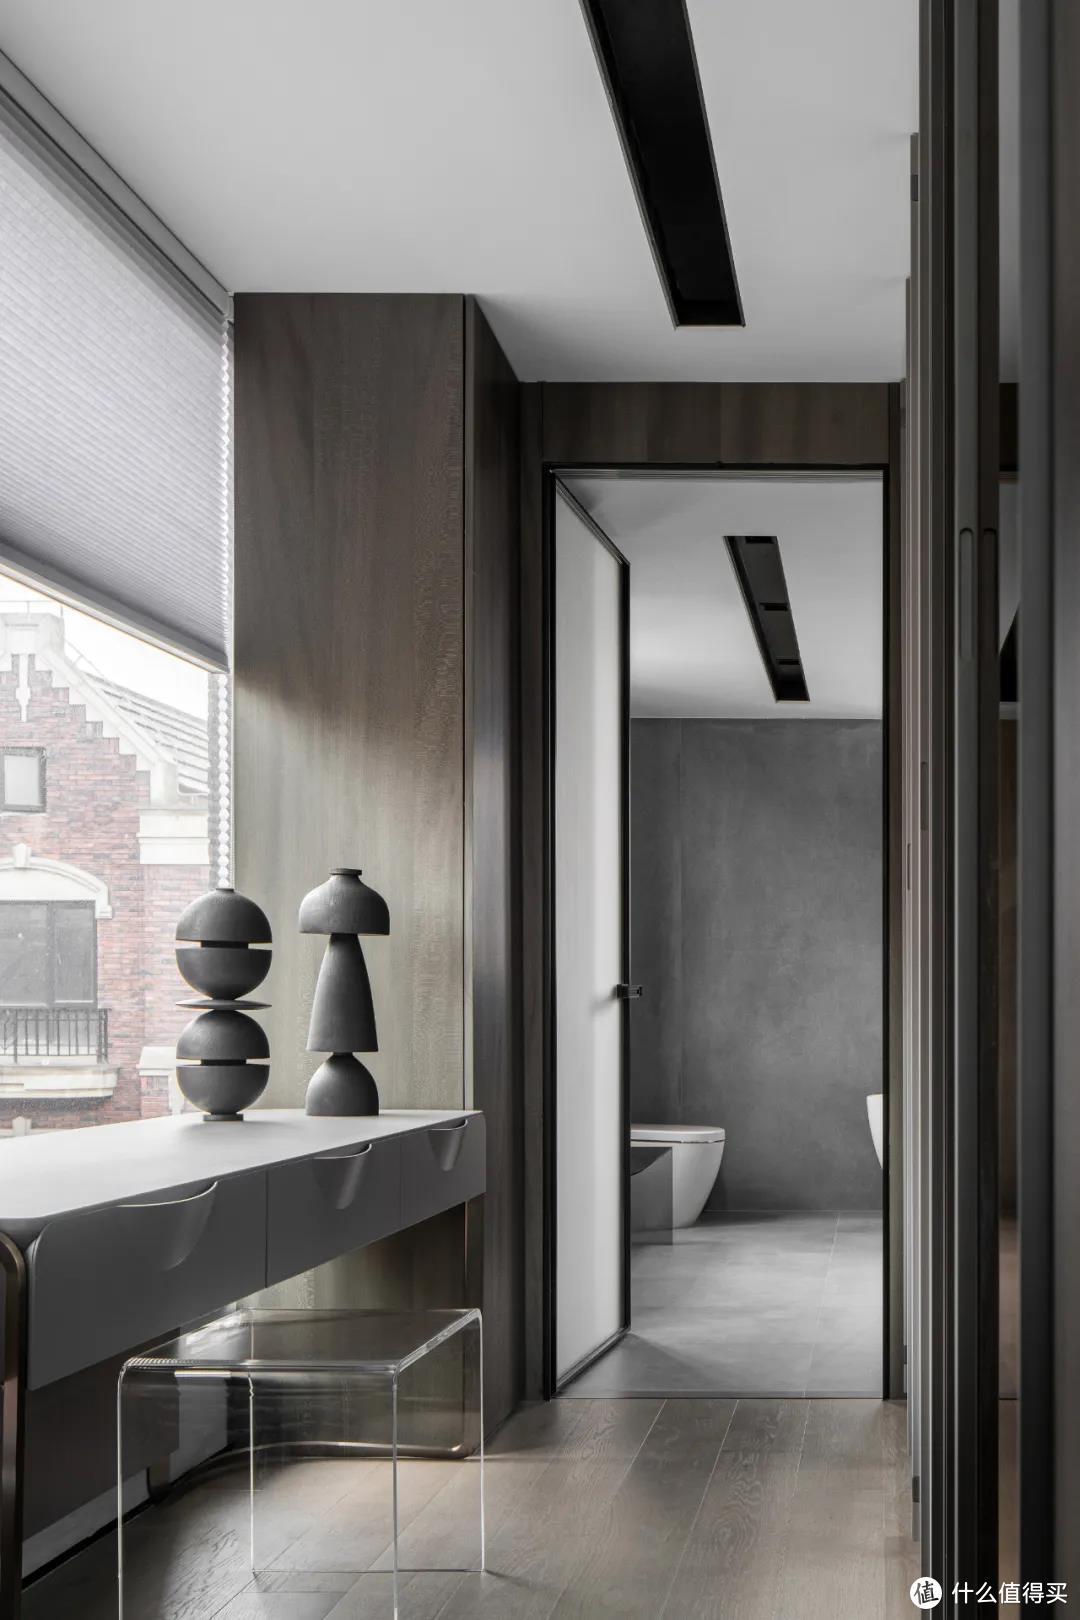 室内门都千篇一律?2021年最流行的室内门设计,打造与众不同的时尚格调!